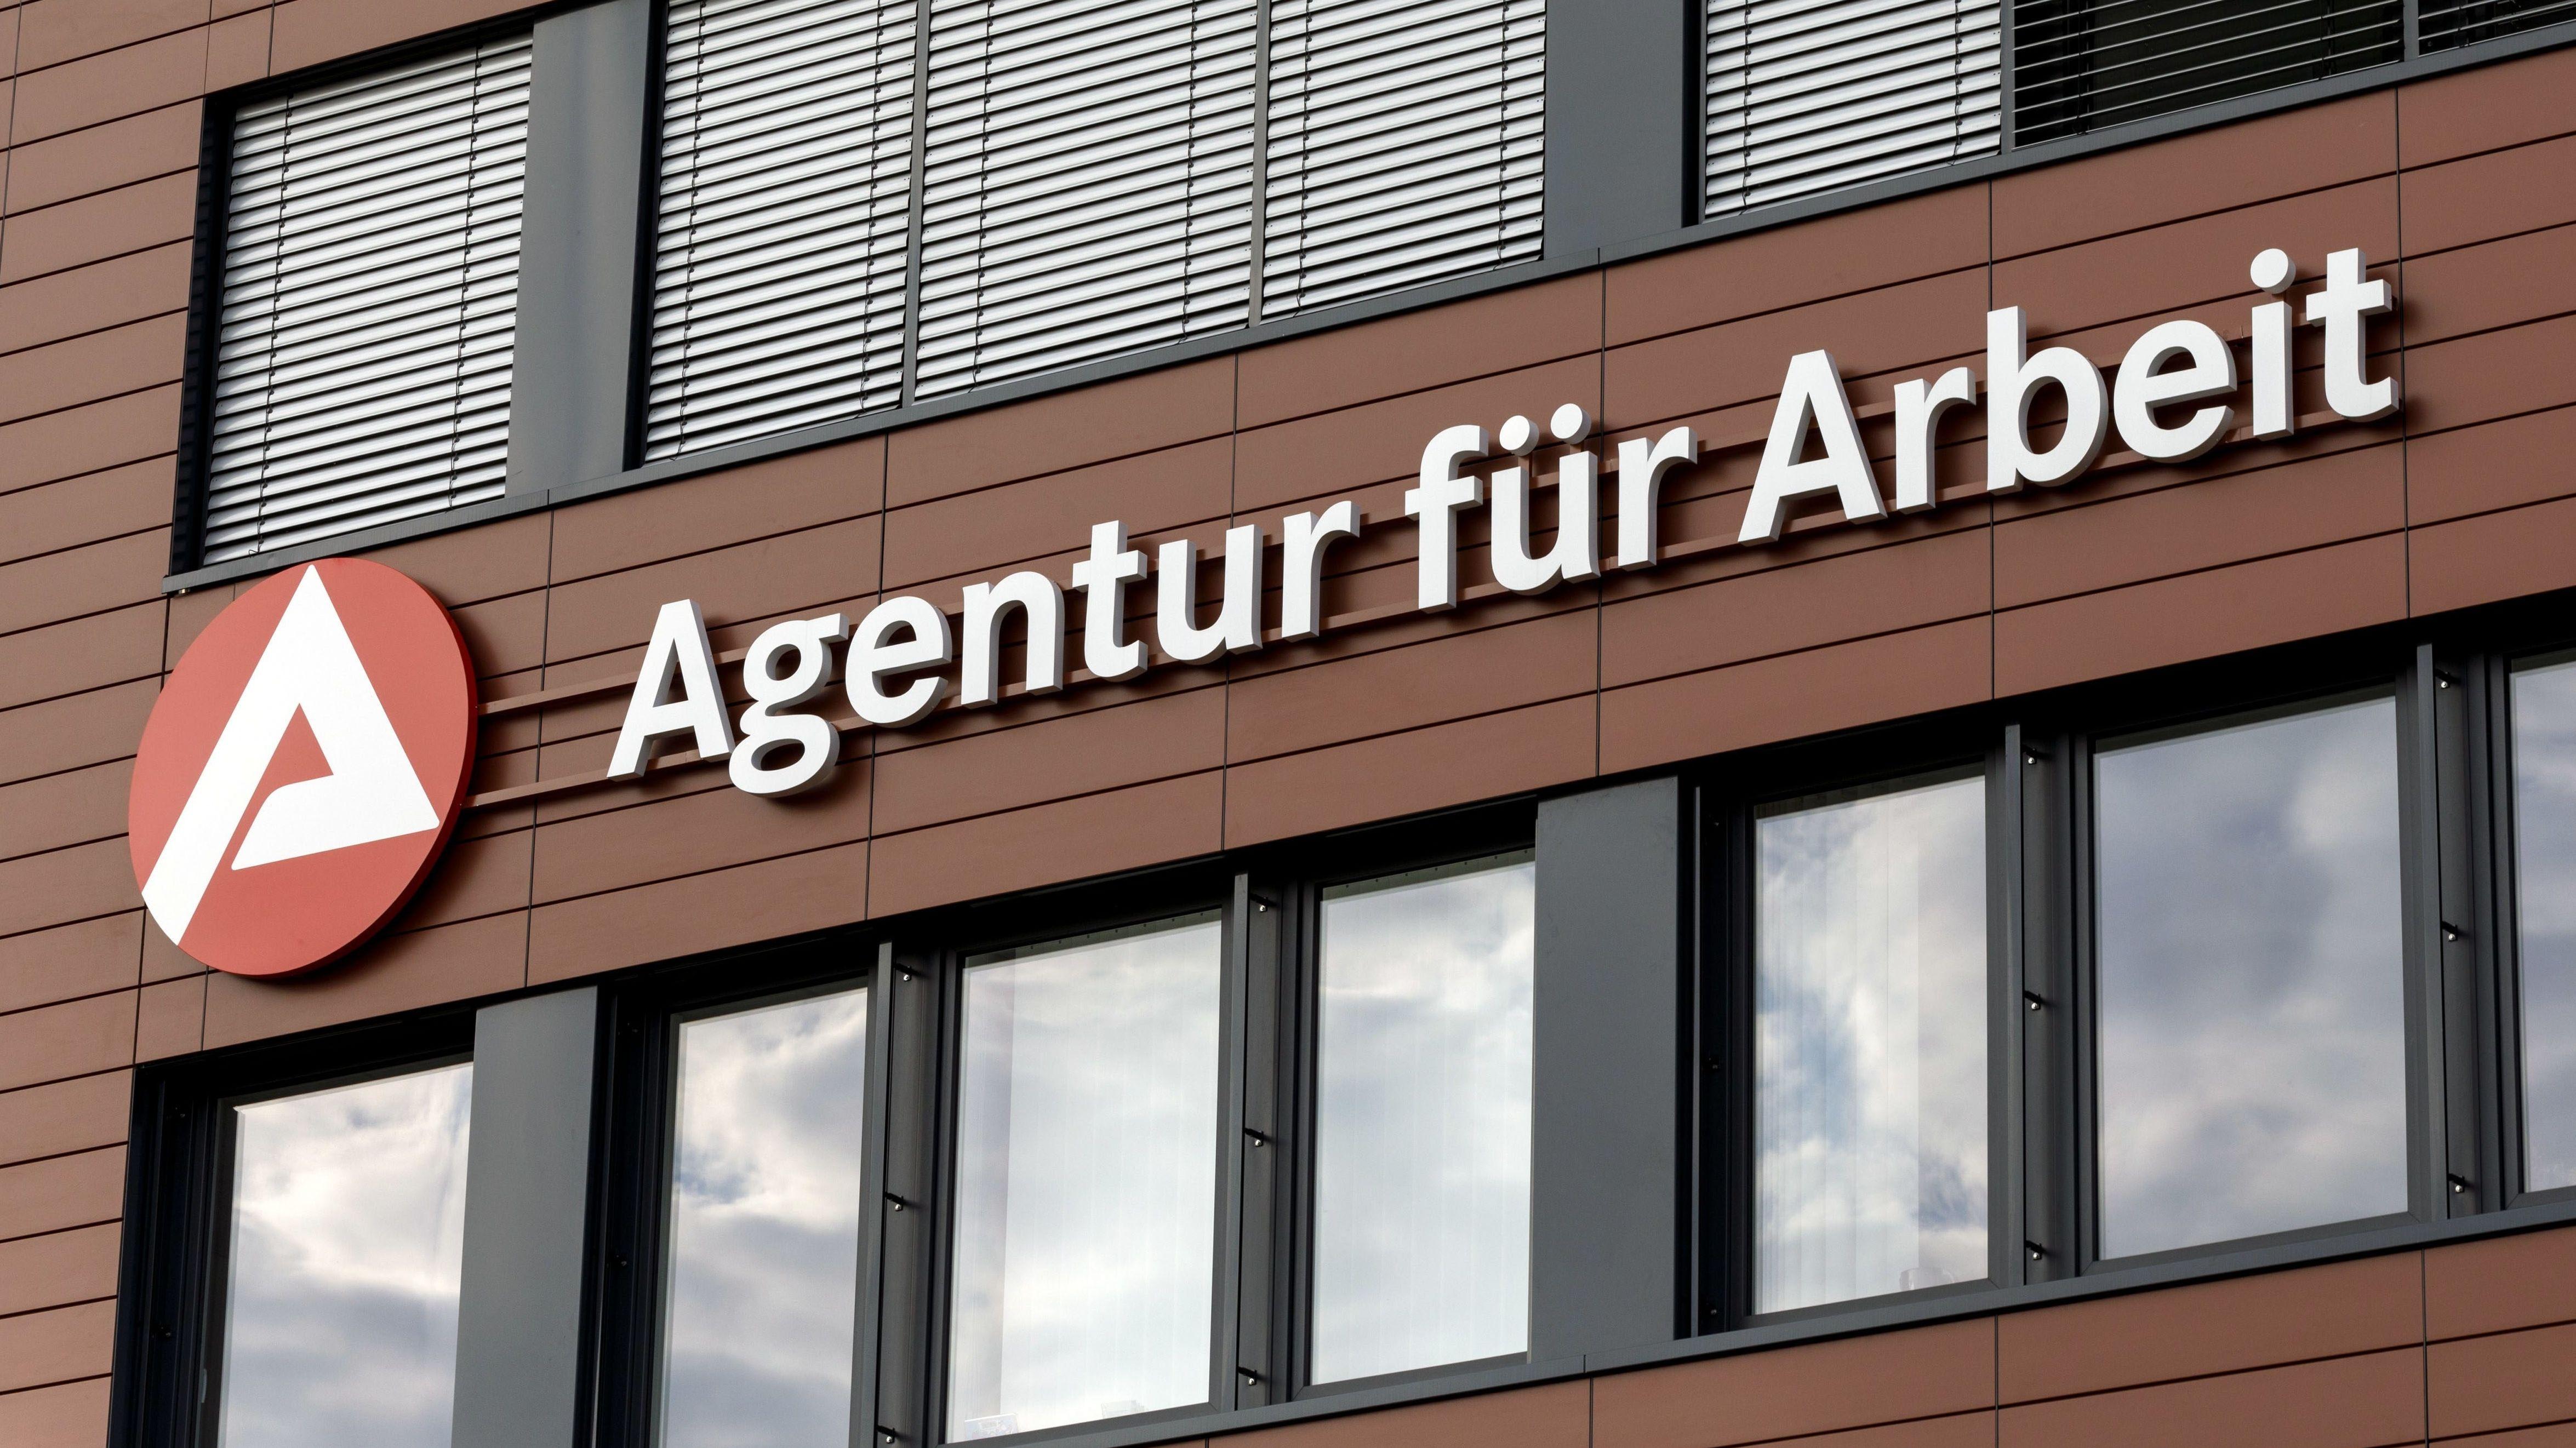 Häuserfassade mit Logo der Agentur für Arbeit